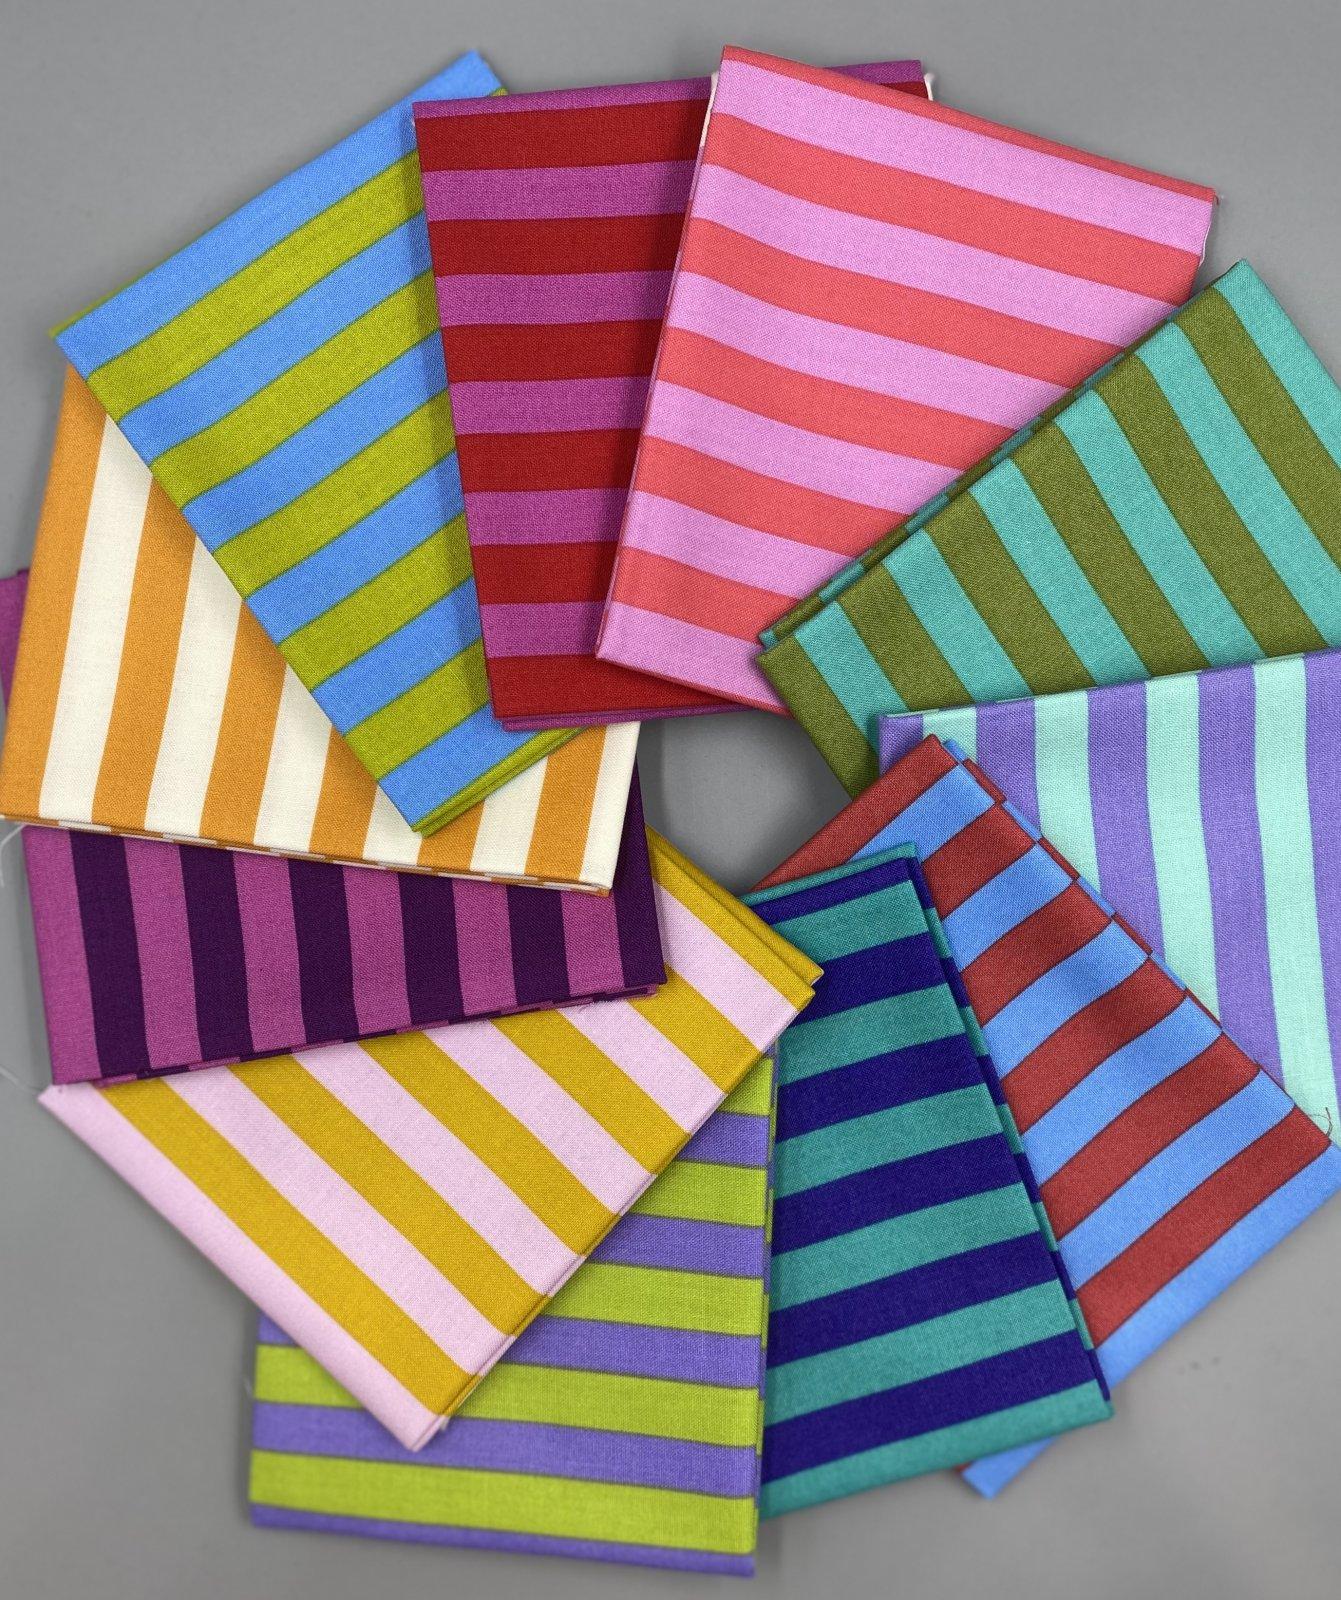 Tent Stripes Fat Quarter Bundle - Tula Pink - 11 Fat Quarters